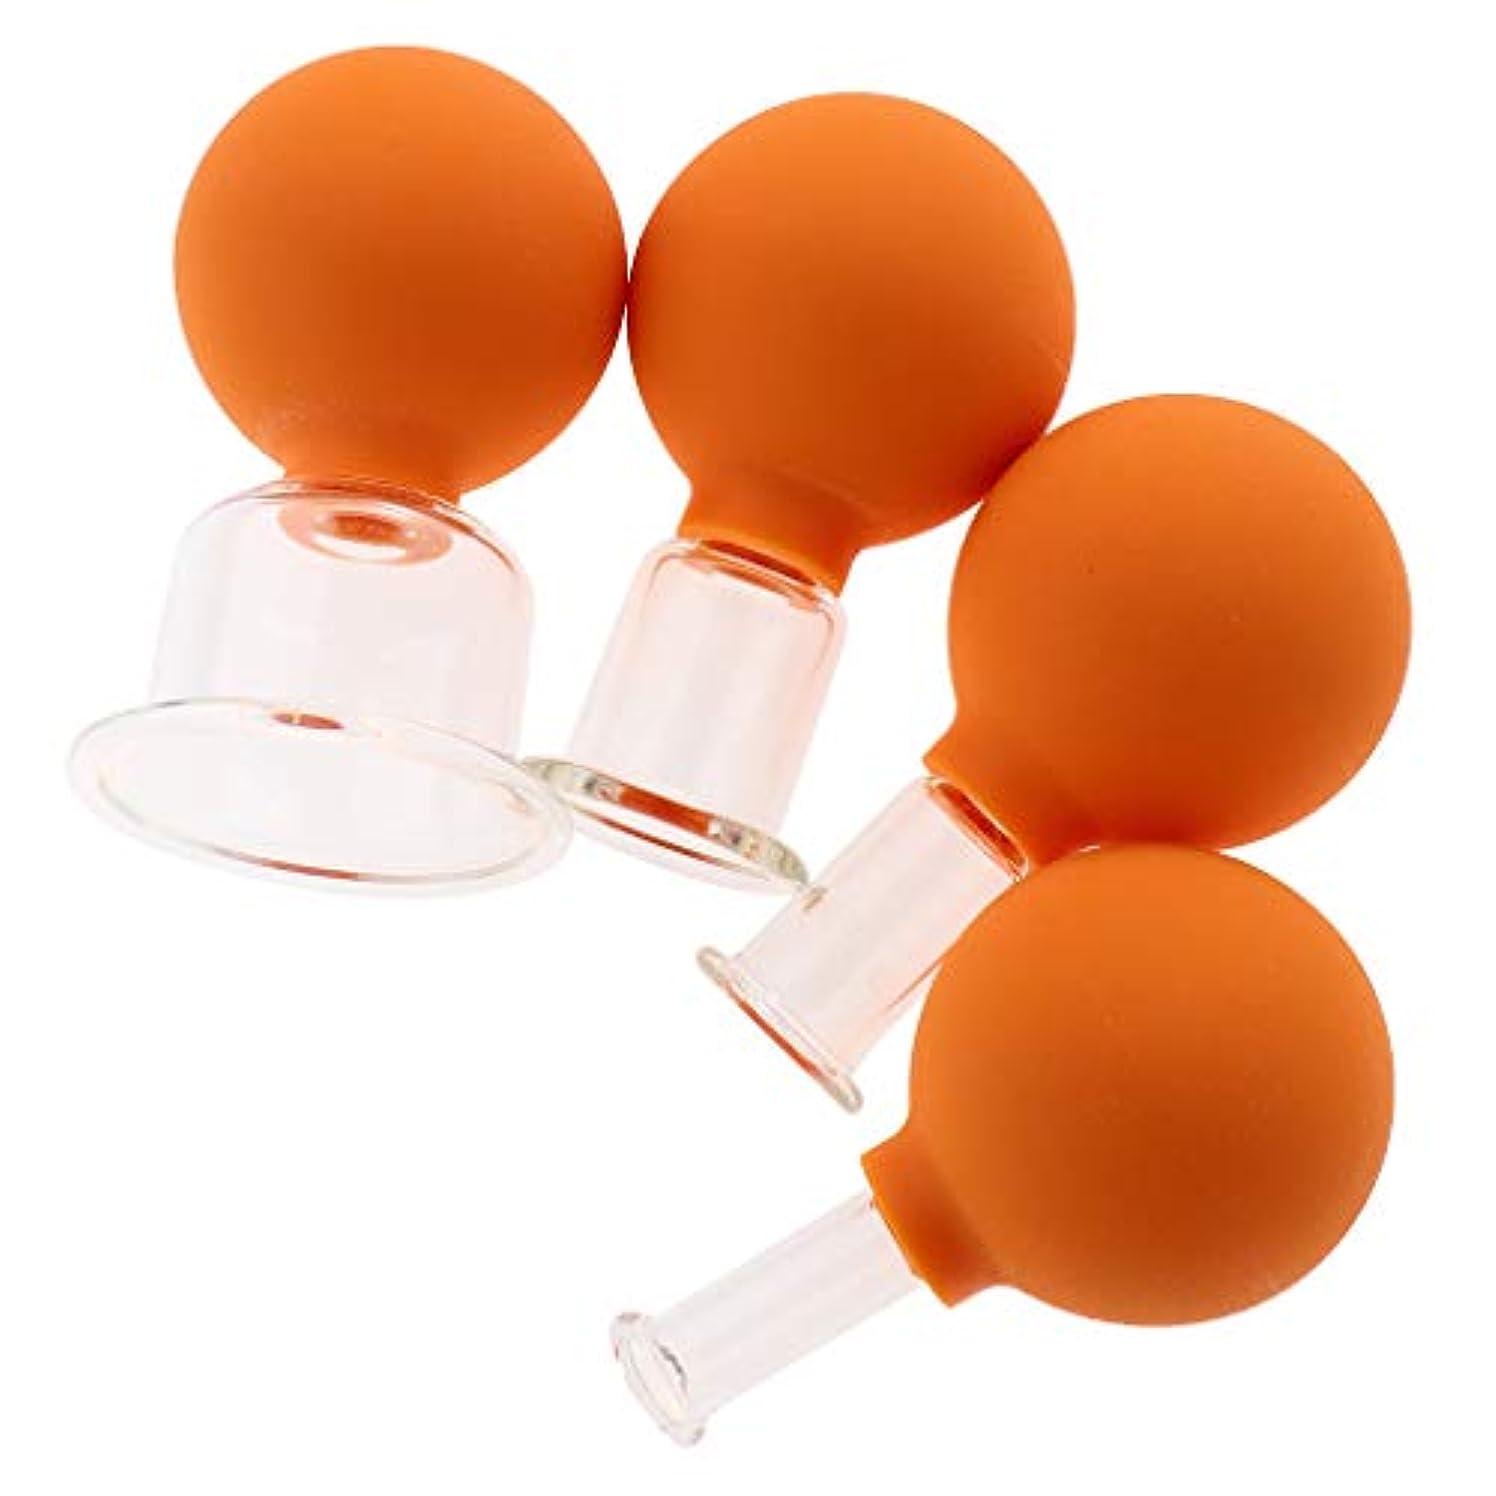 曲元に戻す振る舞いF Fityle マッサージ吸い玉 マッサージカップ ガラスカッピング ゴム 真空 男女兼用 4個 全3色 - オレンジ